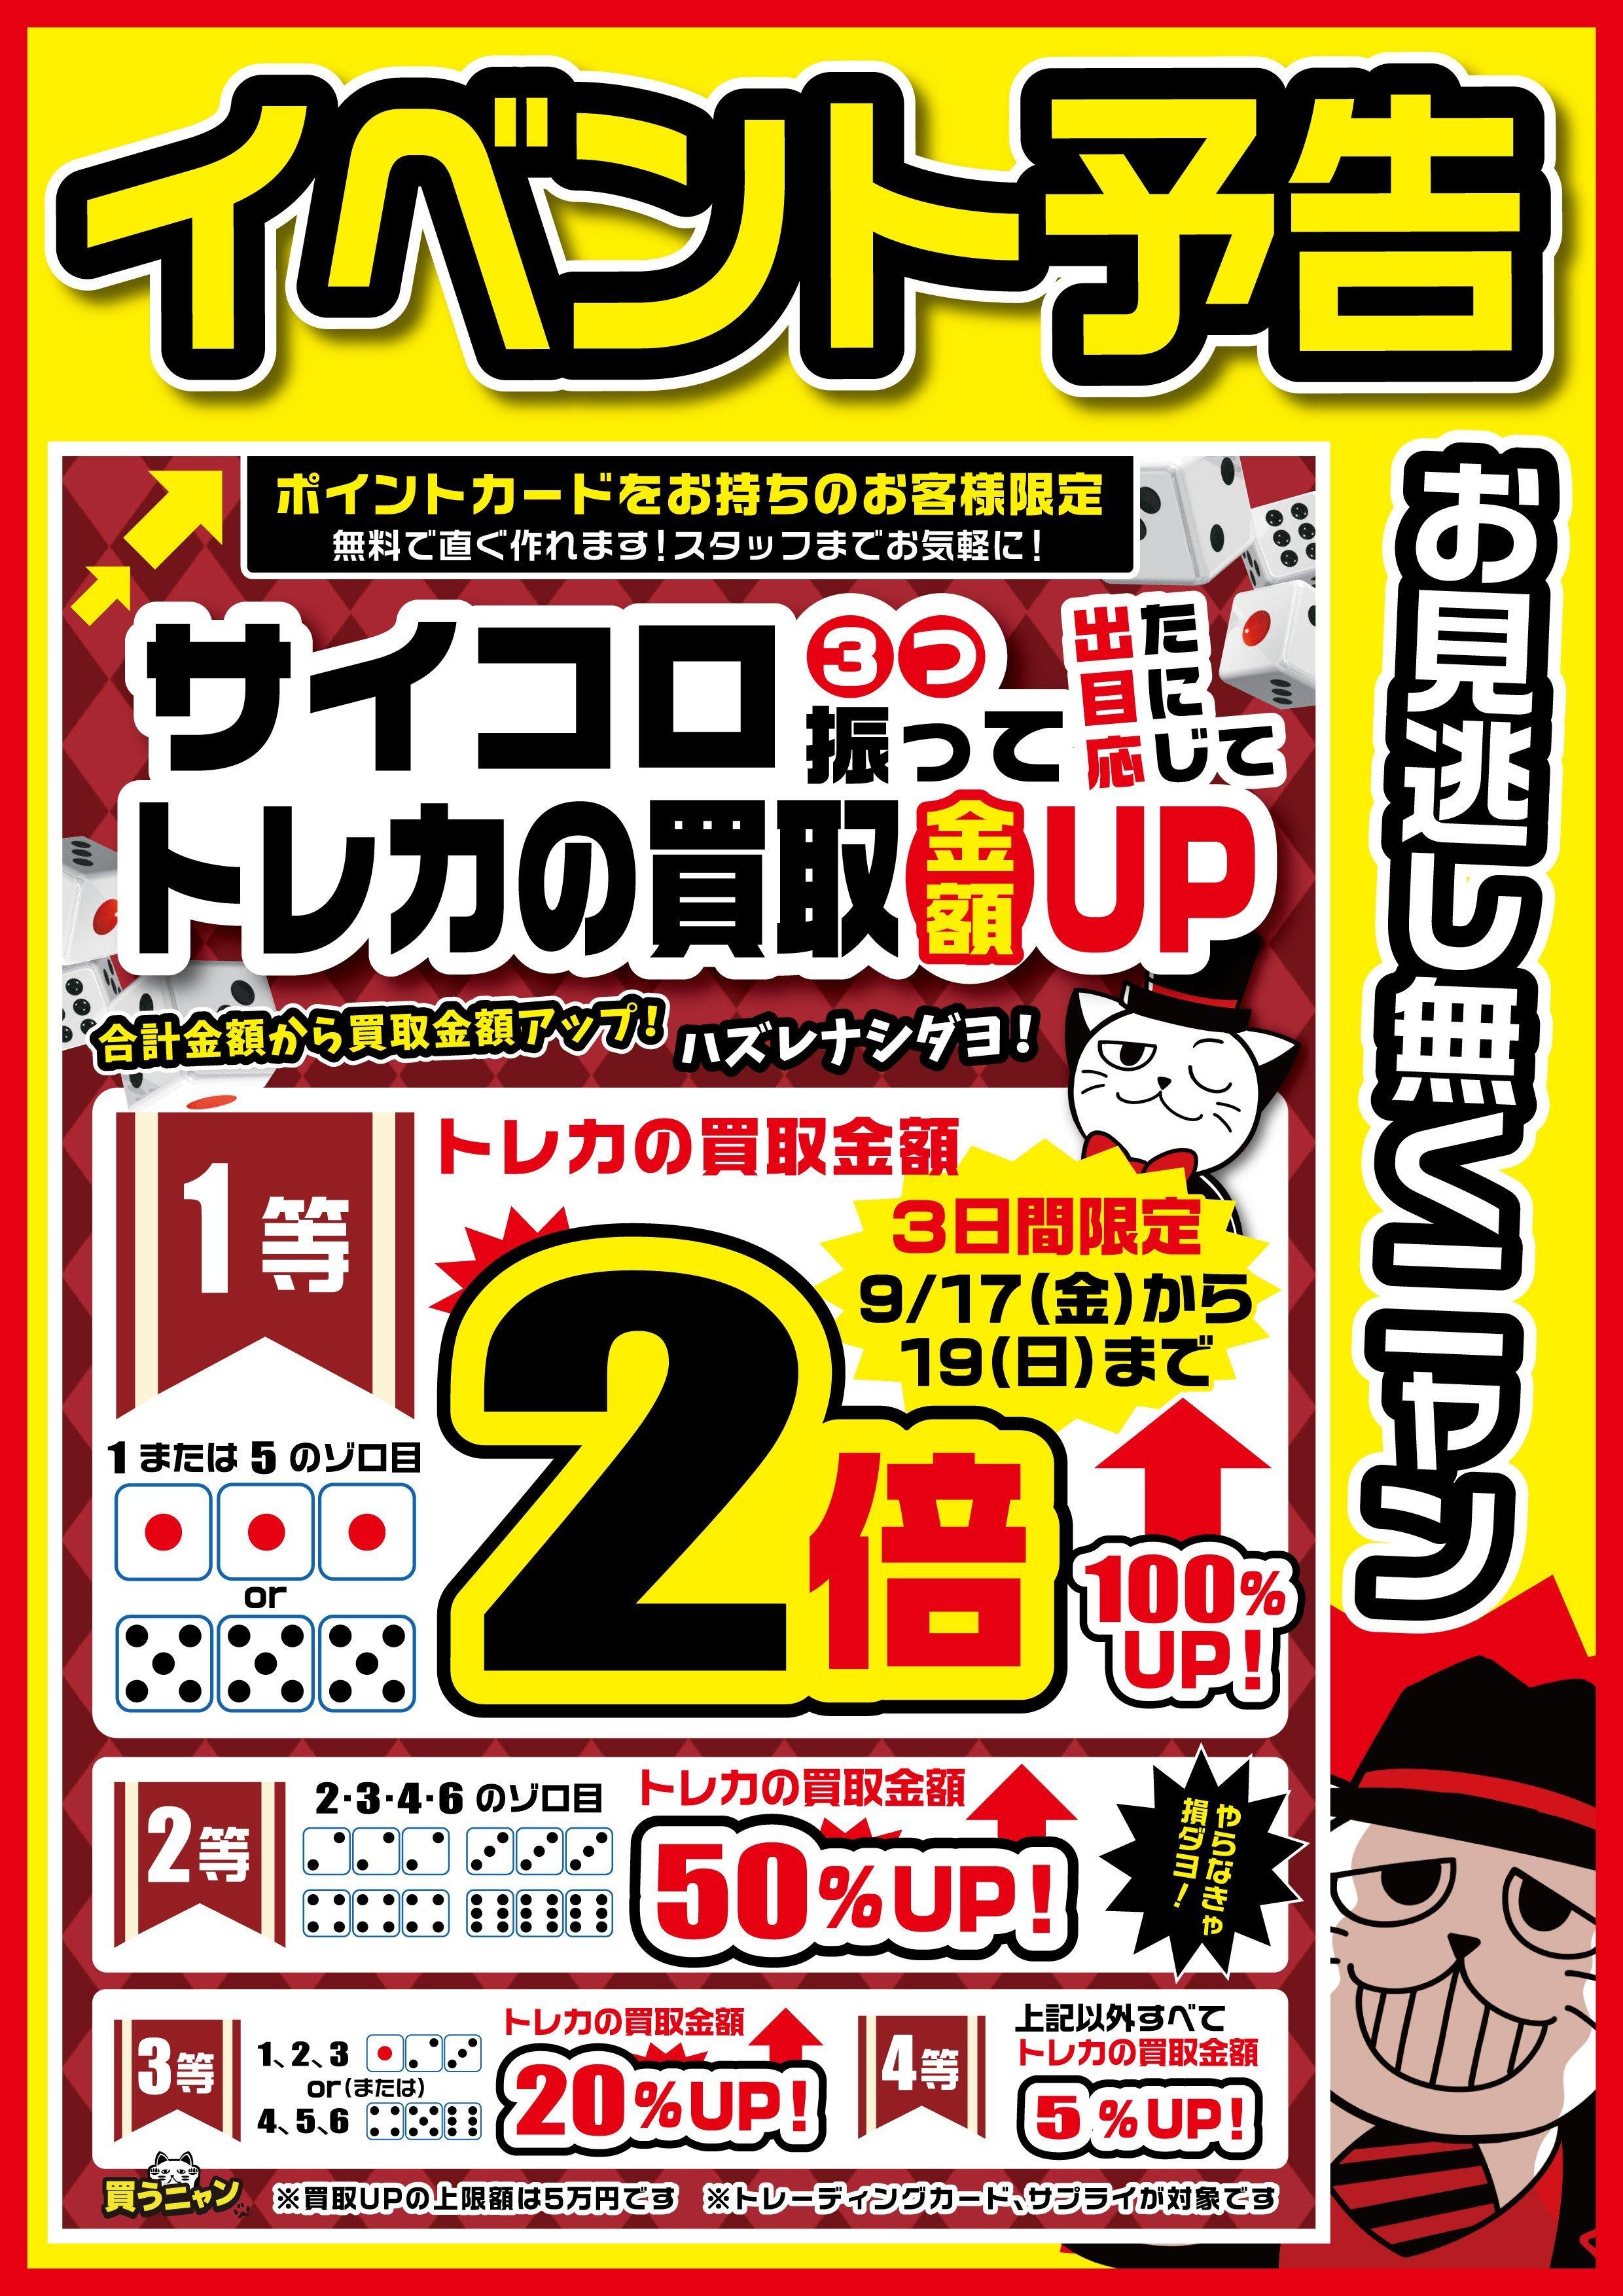 明日から!【3日間限定🔥】トレカ買取イベント!🎲